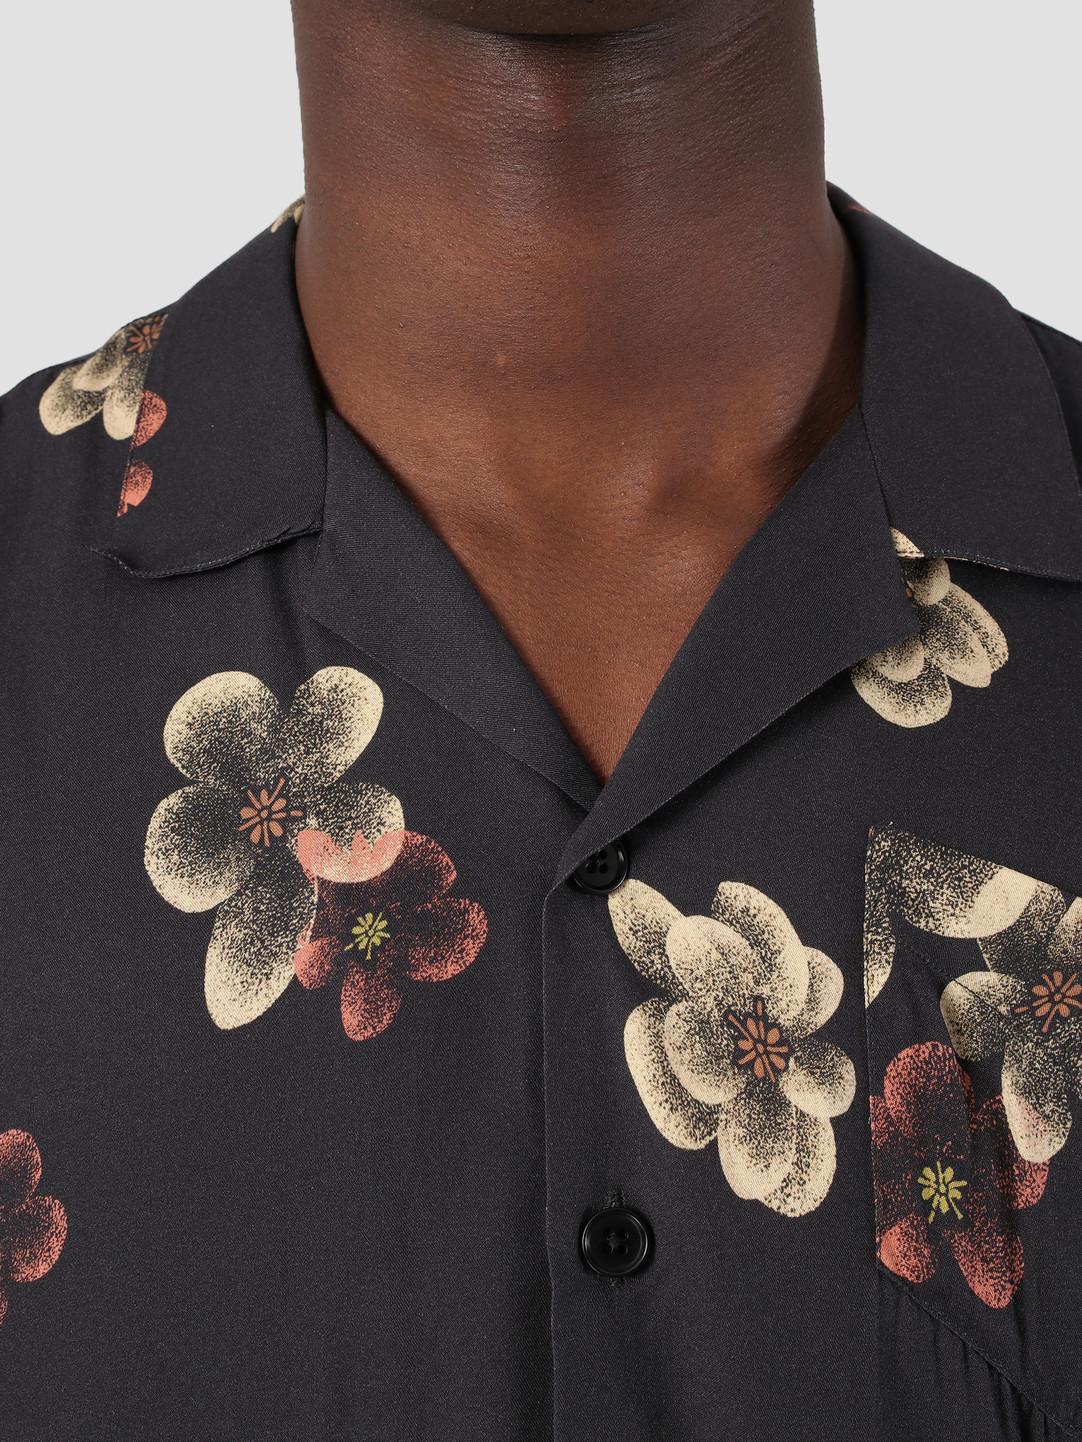 Libertine Libertine Libertine Libertine Cave Shortsleeve Shirt Dark Flowers 1632